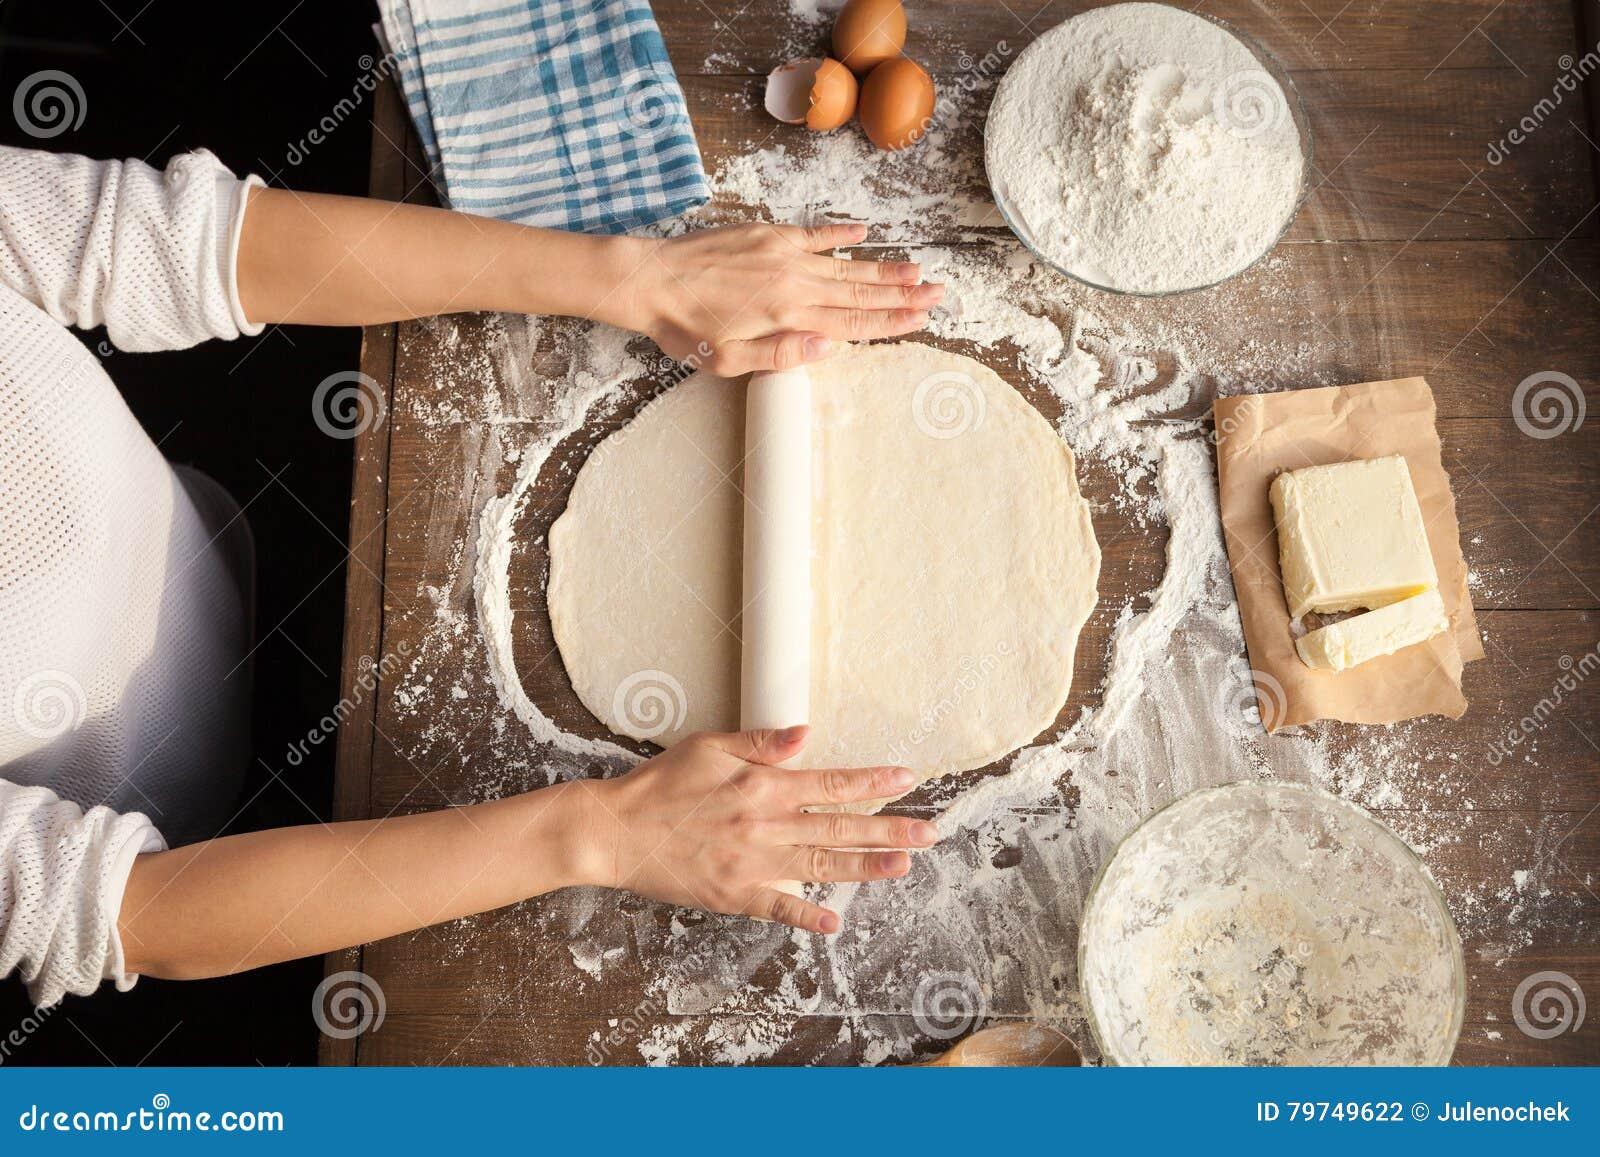 Pasta de cocinar femenina